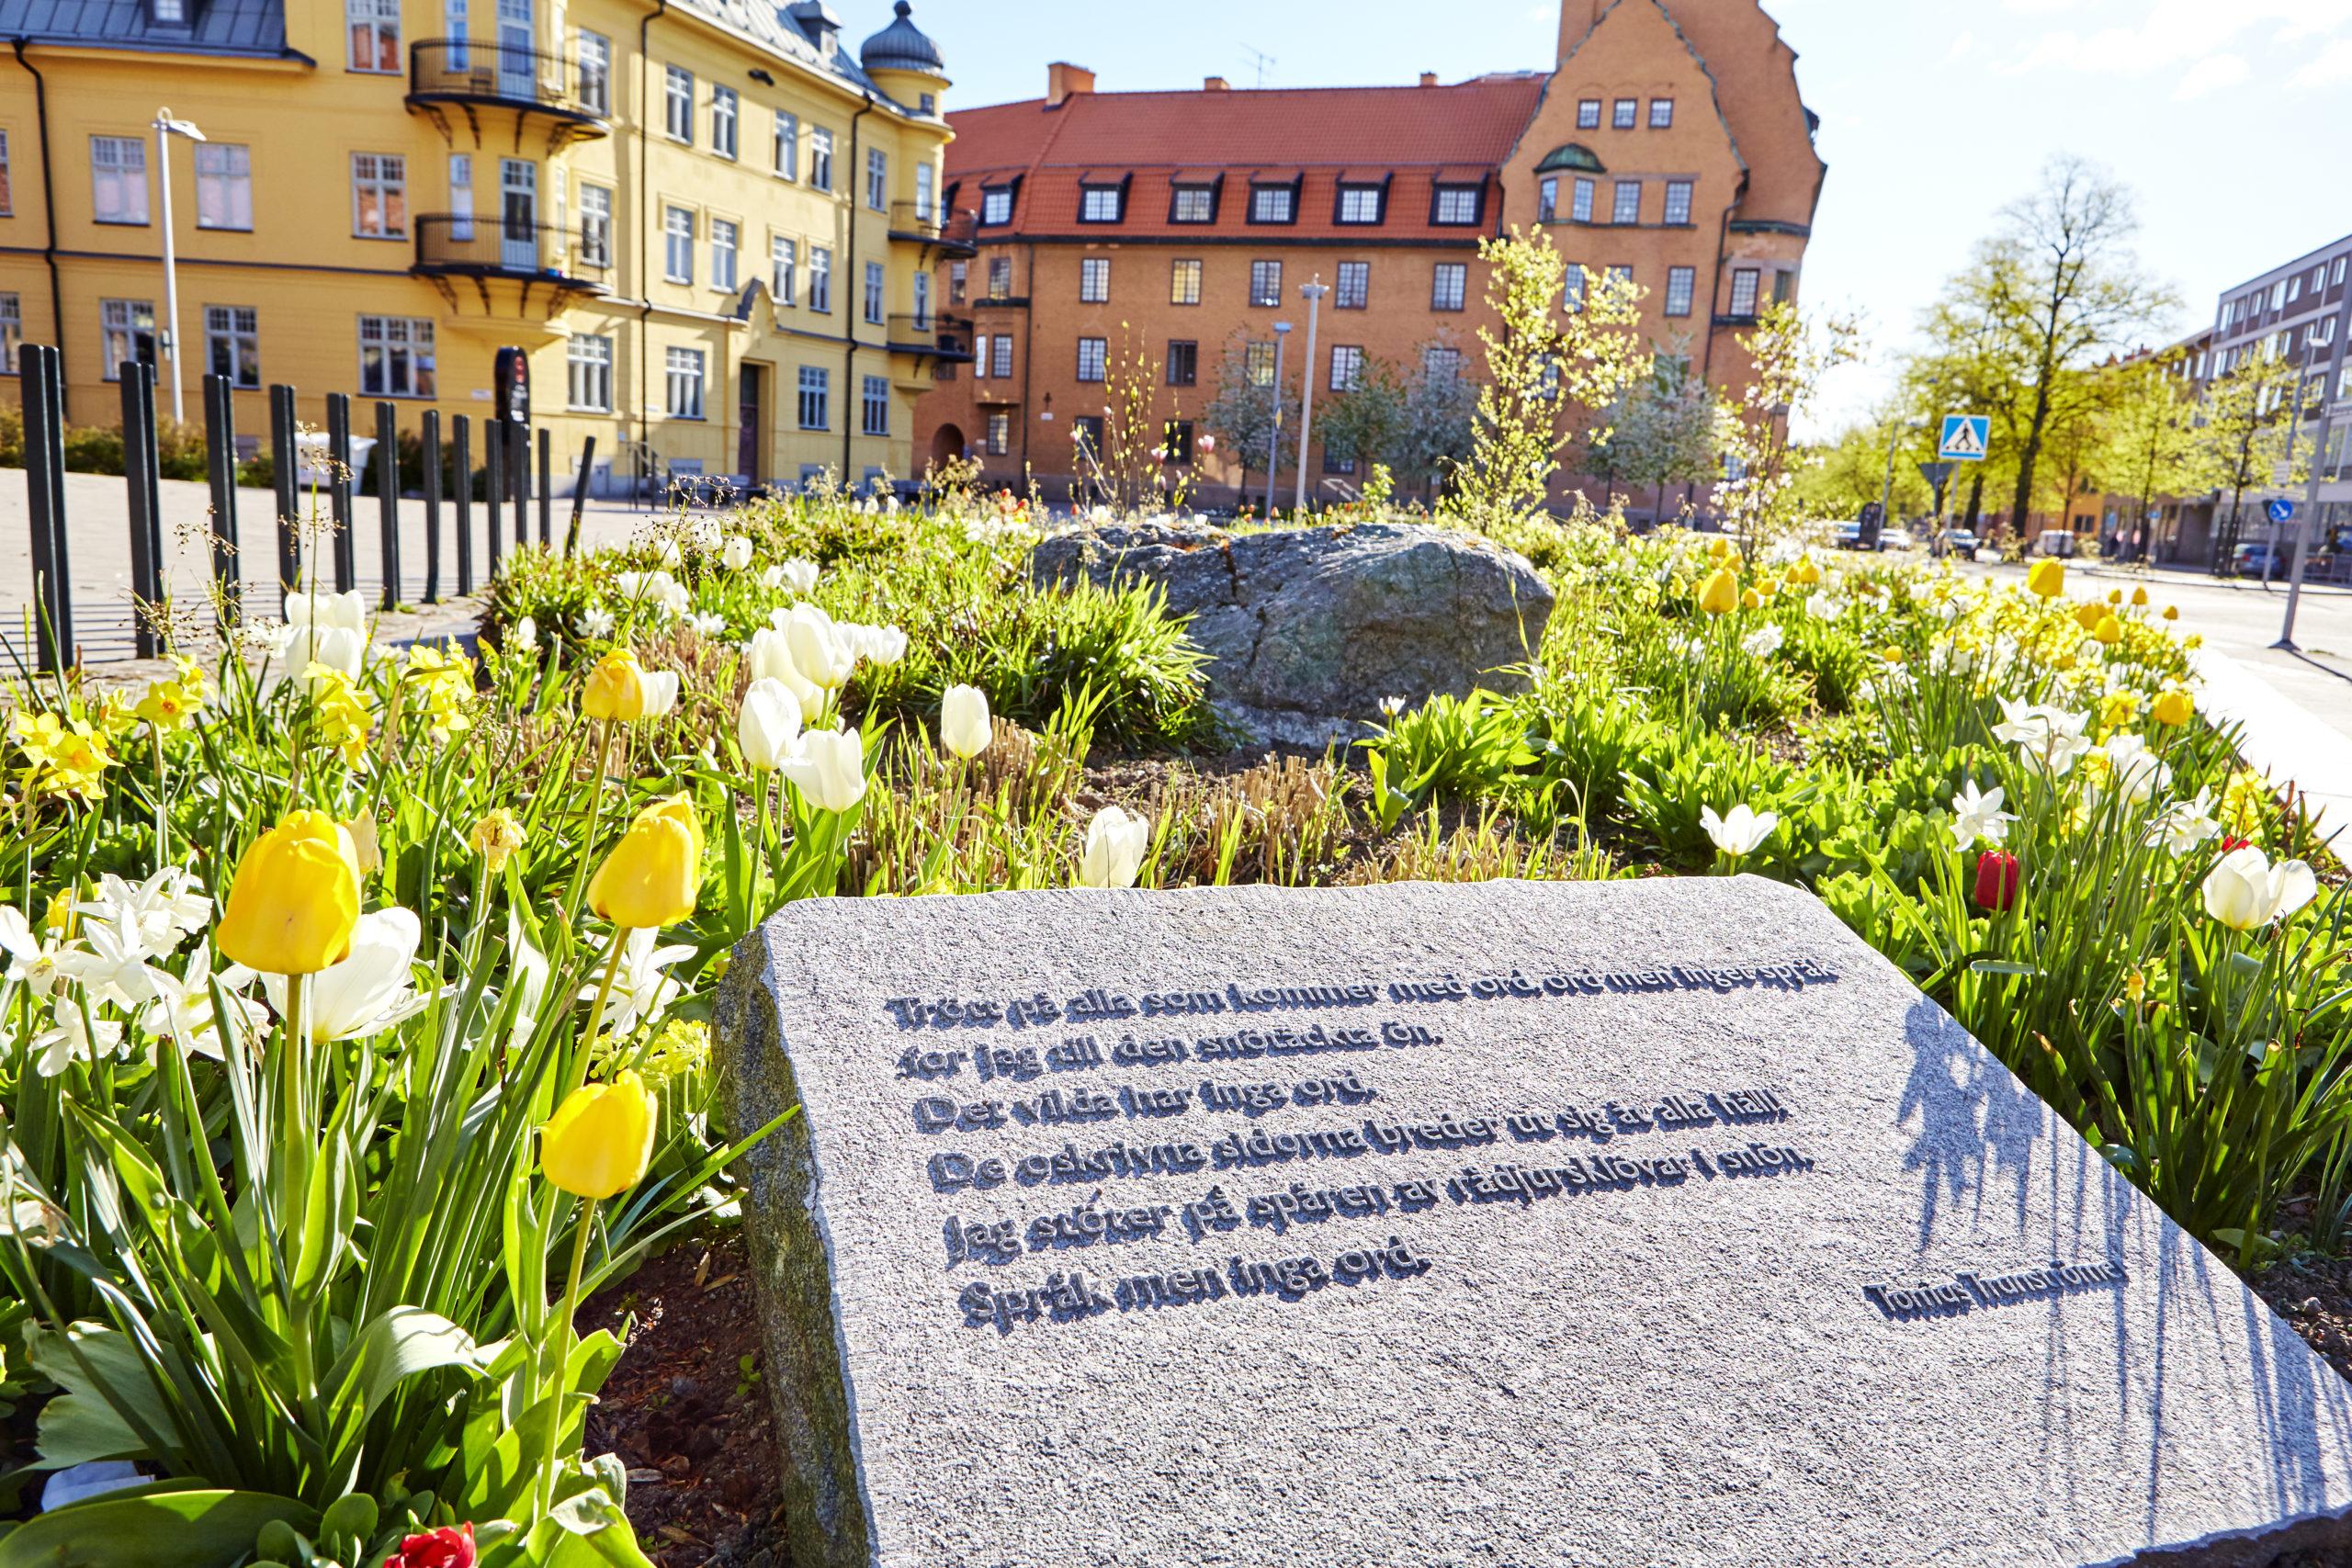 Dikter utav Tomas Tranströmmer i Västerås. Fotograf: Pia Nordlander